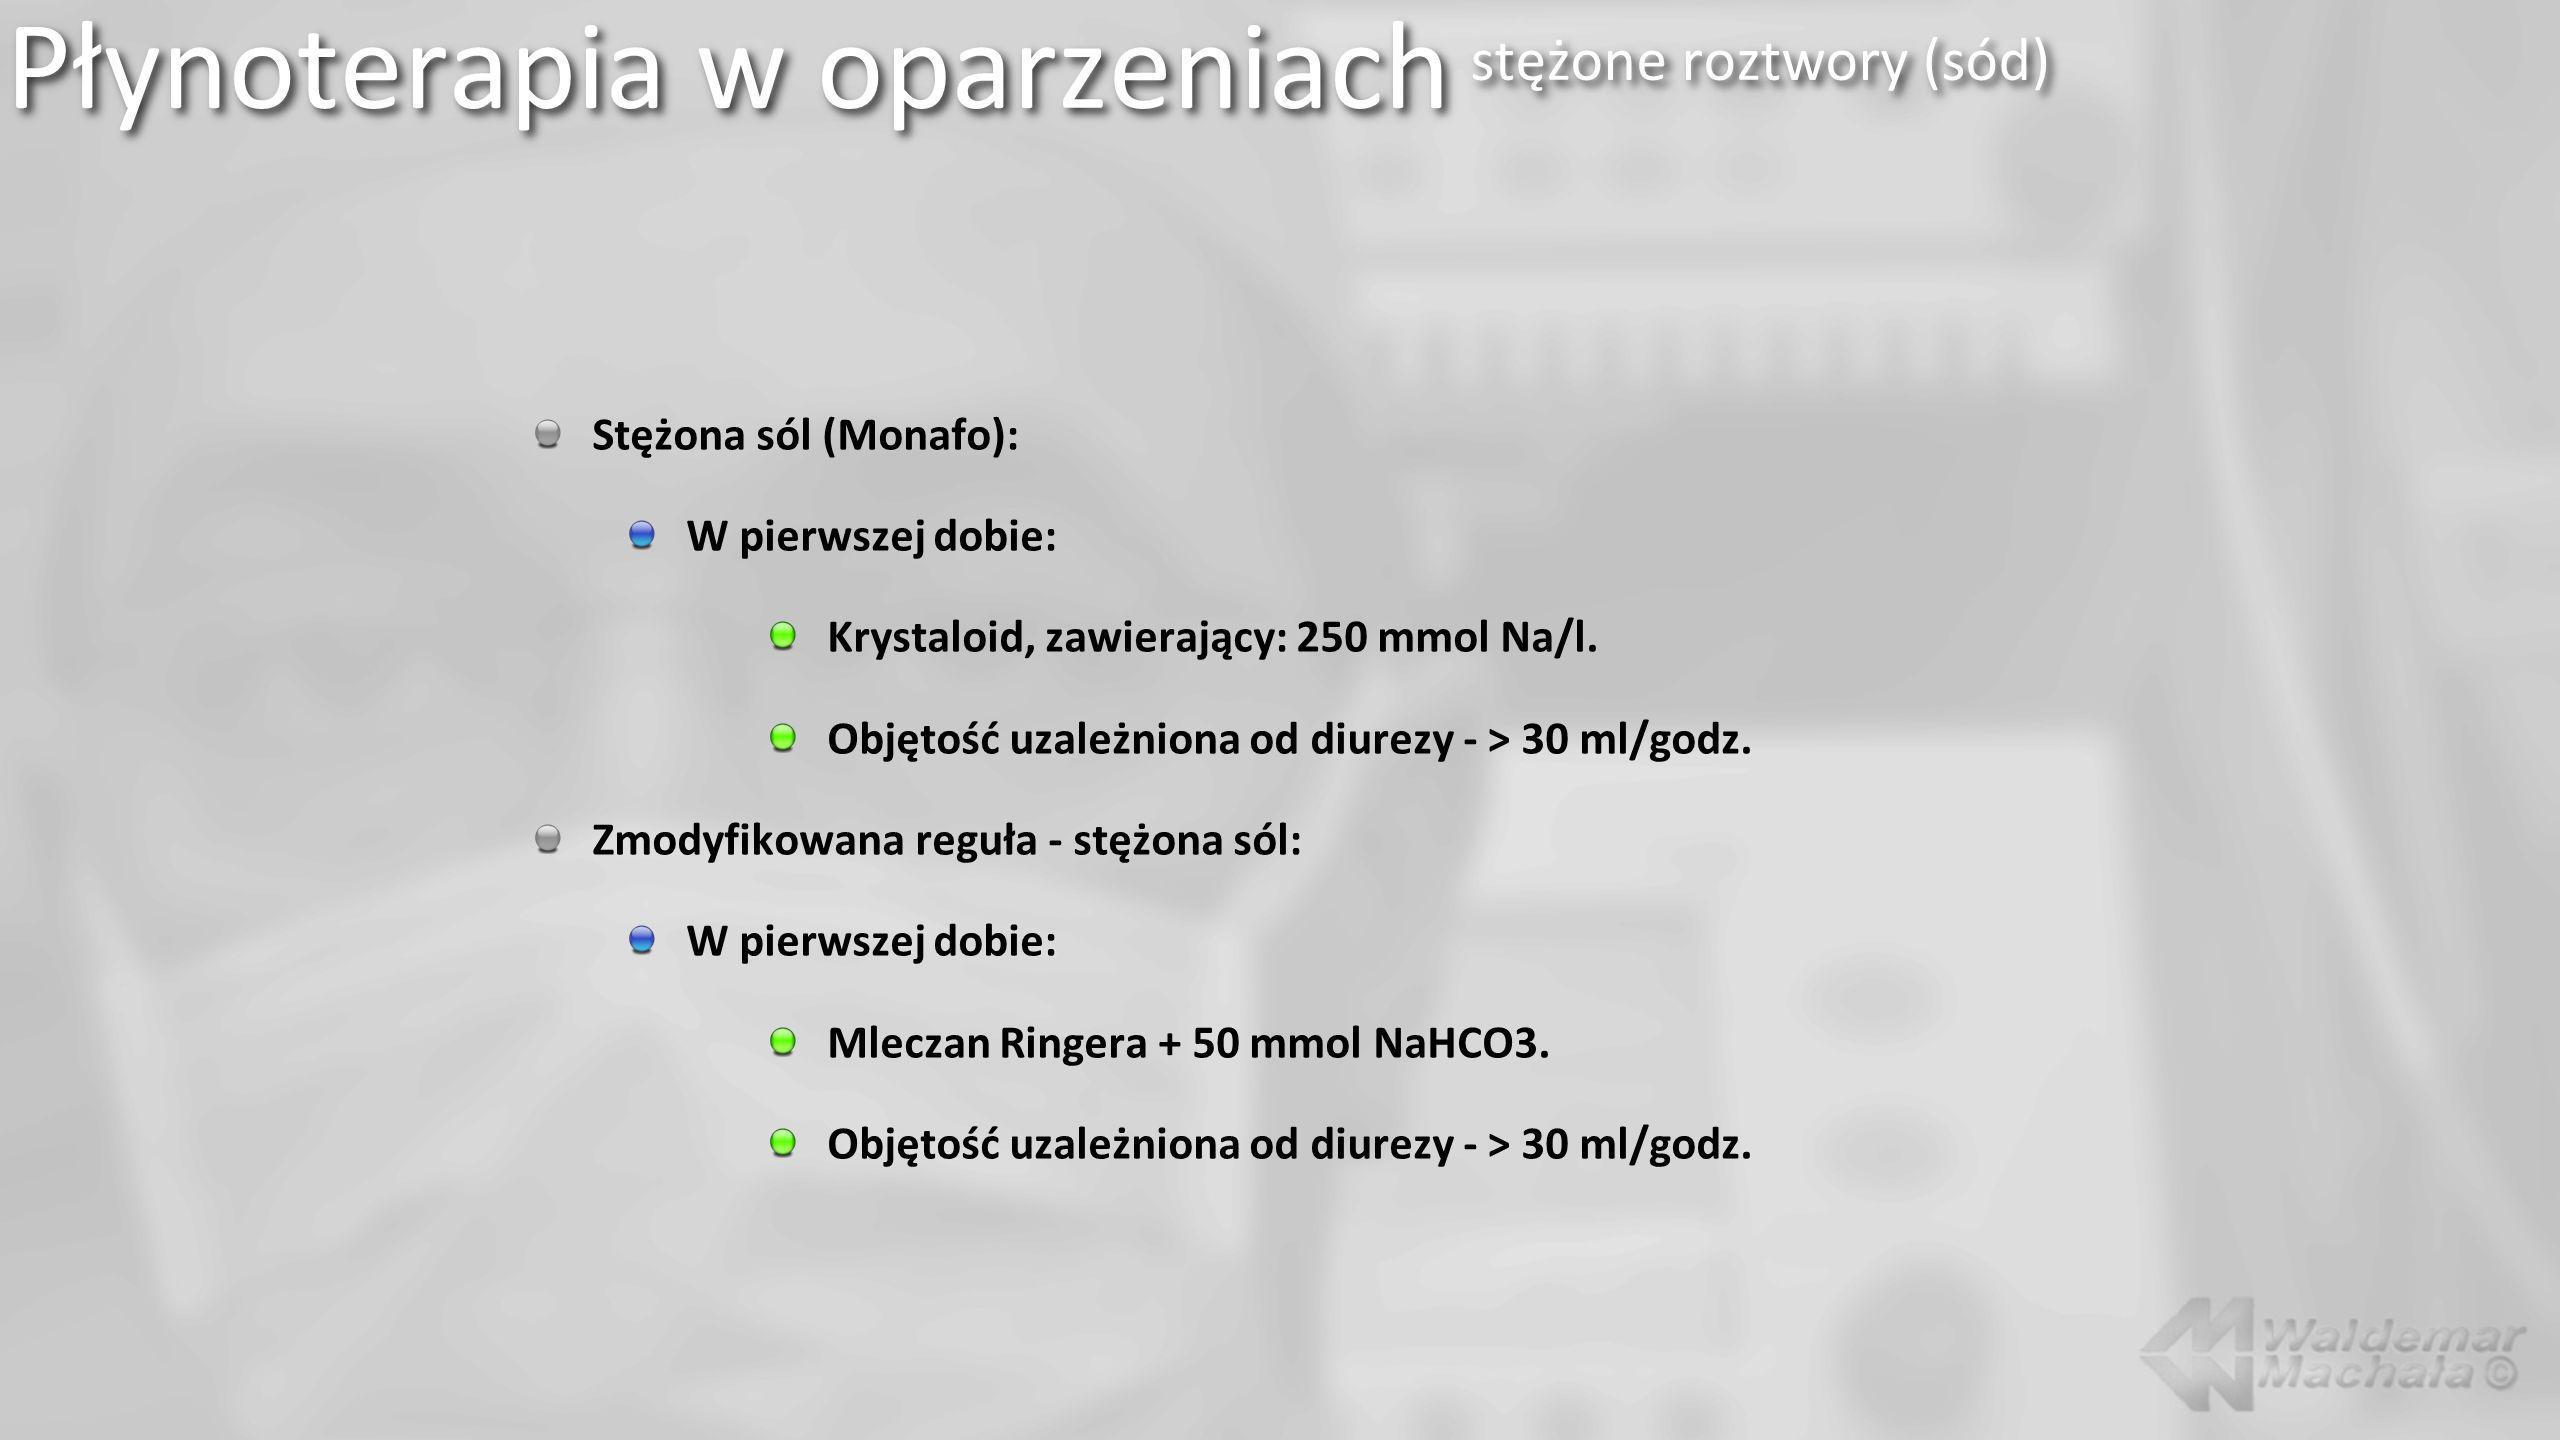 Stężona sól (Monafo): W pierwszej dobie: Krystaloid, zawierający: 250 mmol Na/l.